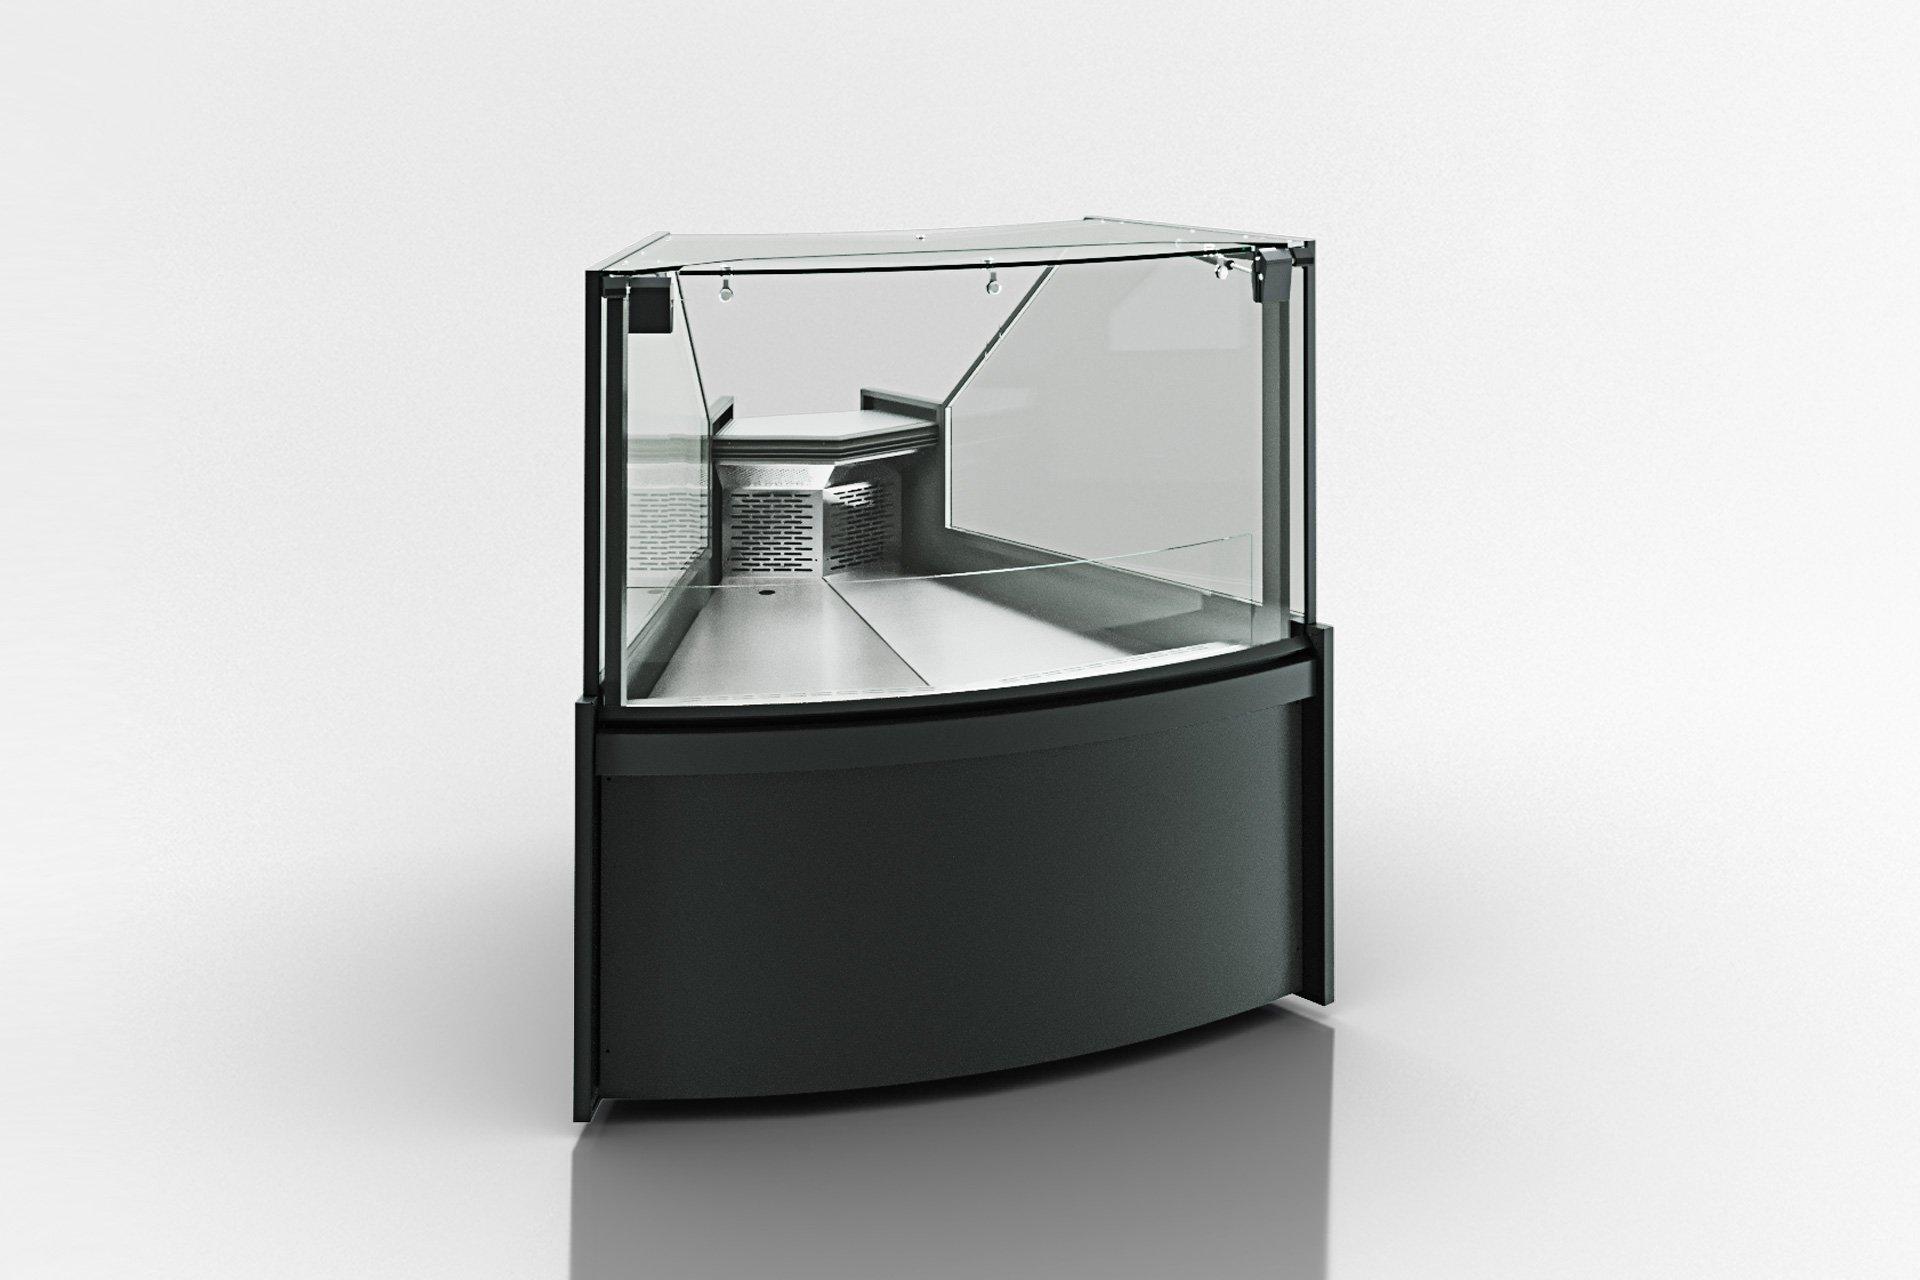 Кутові елементи холодильних вітрин Missouri MC 120 deli PS 130-DLM-ER45